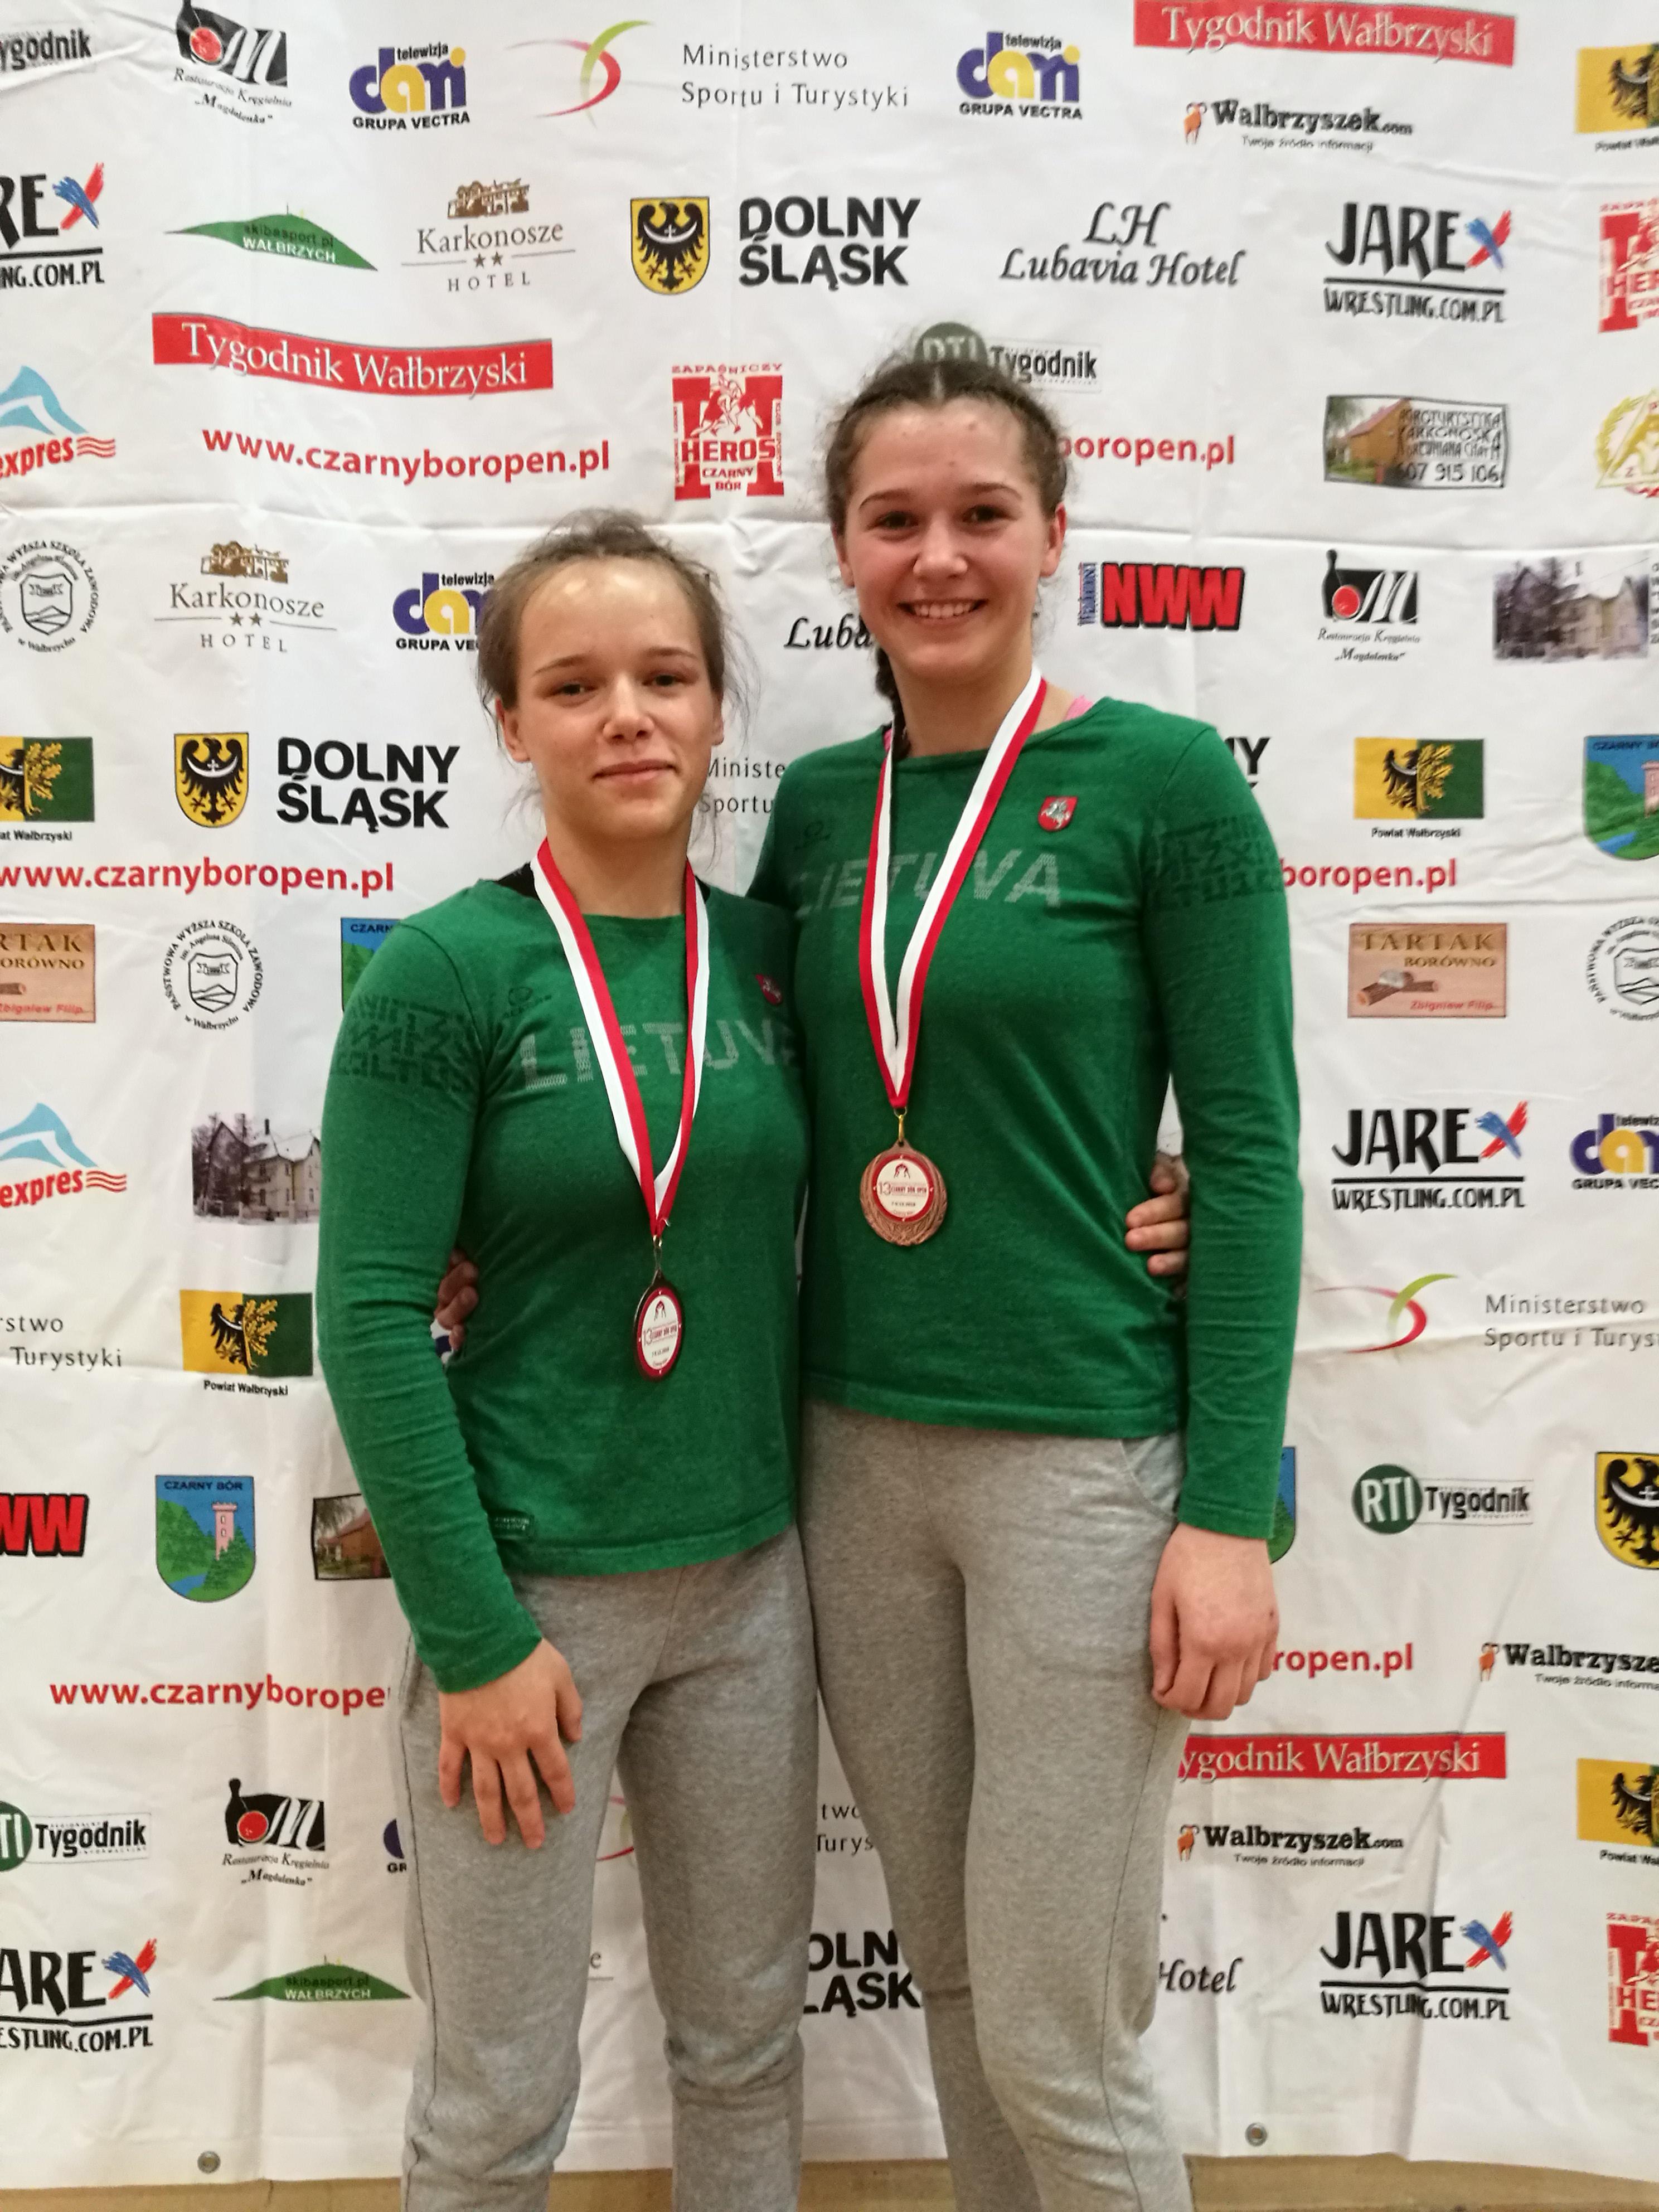 Šiaulių gimnazistės imtynių turnyre Lenkijoje iškovojo du medalius